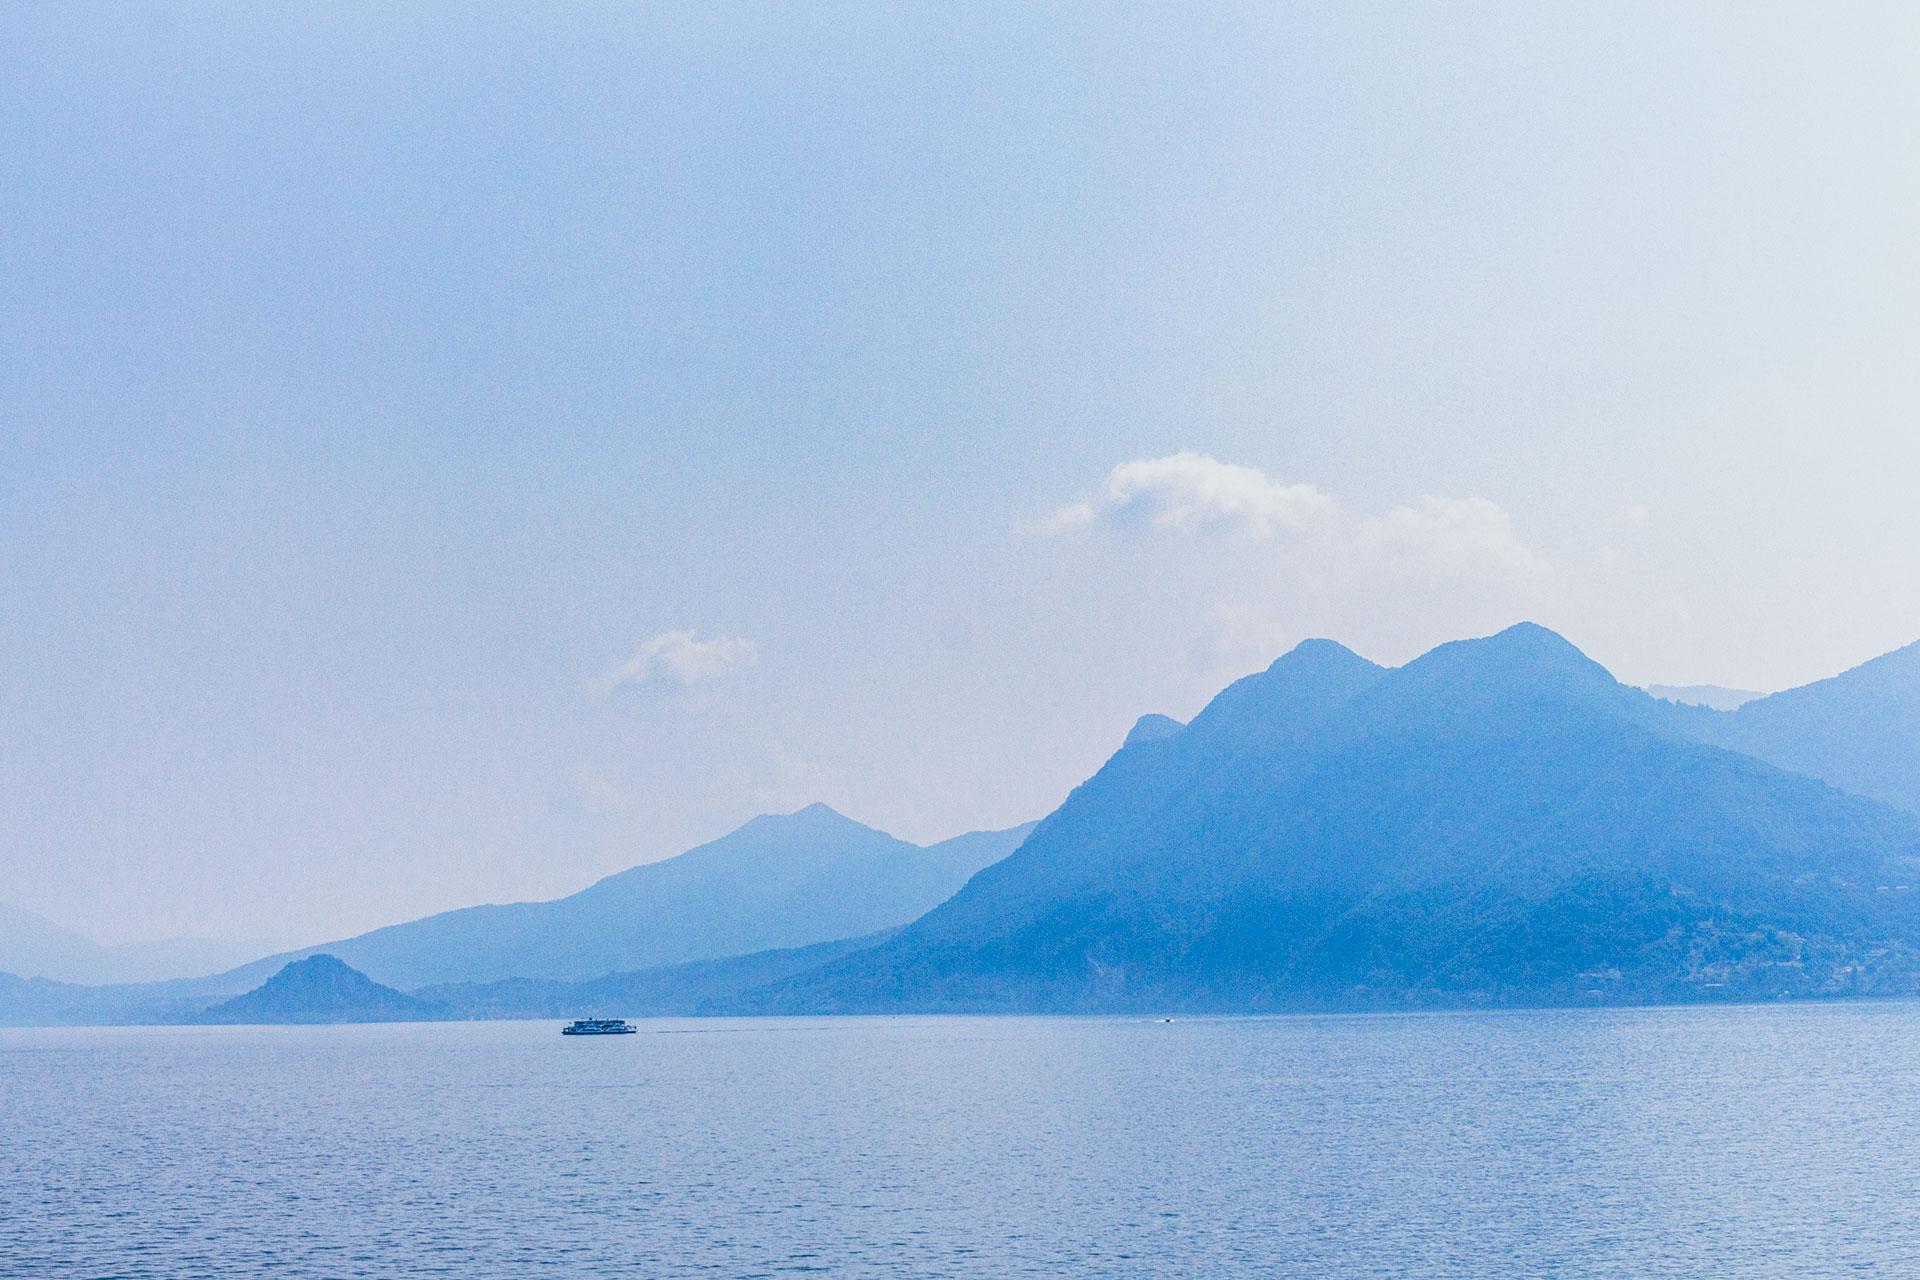 Blick von der Uferpromenade Verbanias über den Lago Maggiore